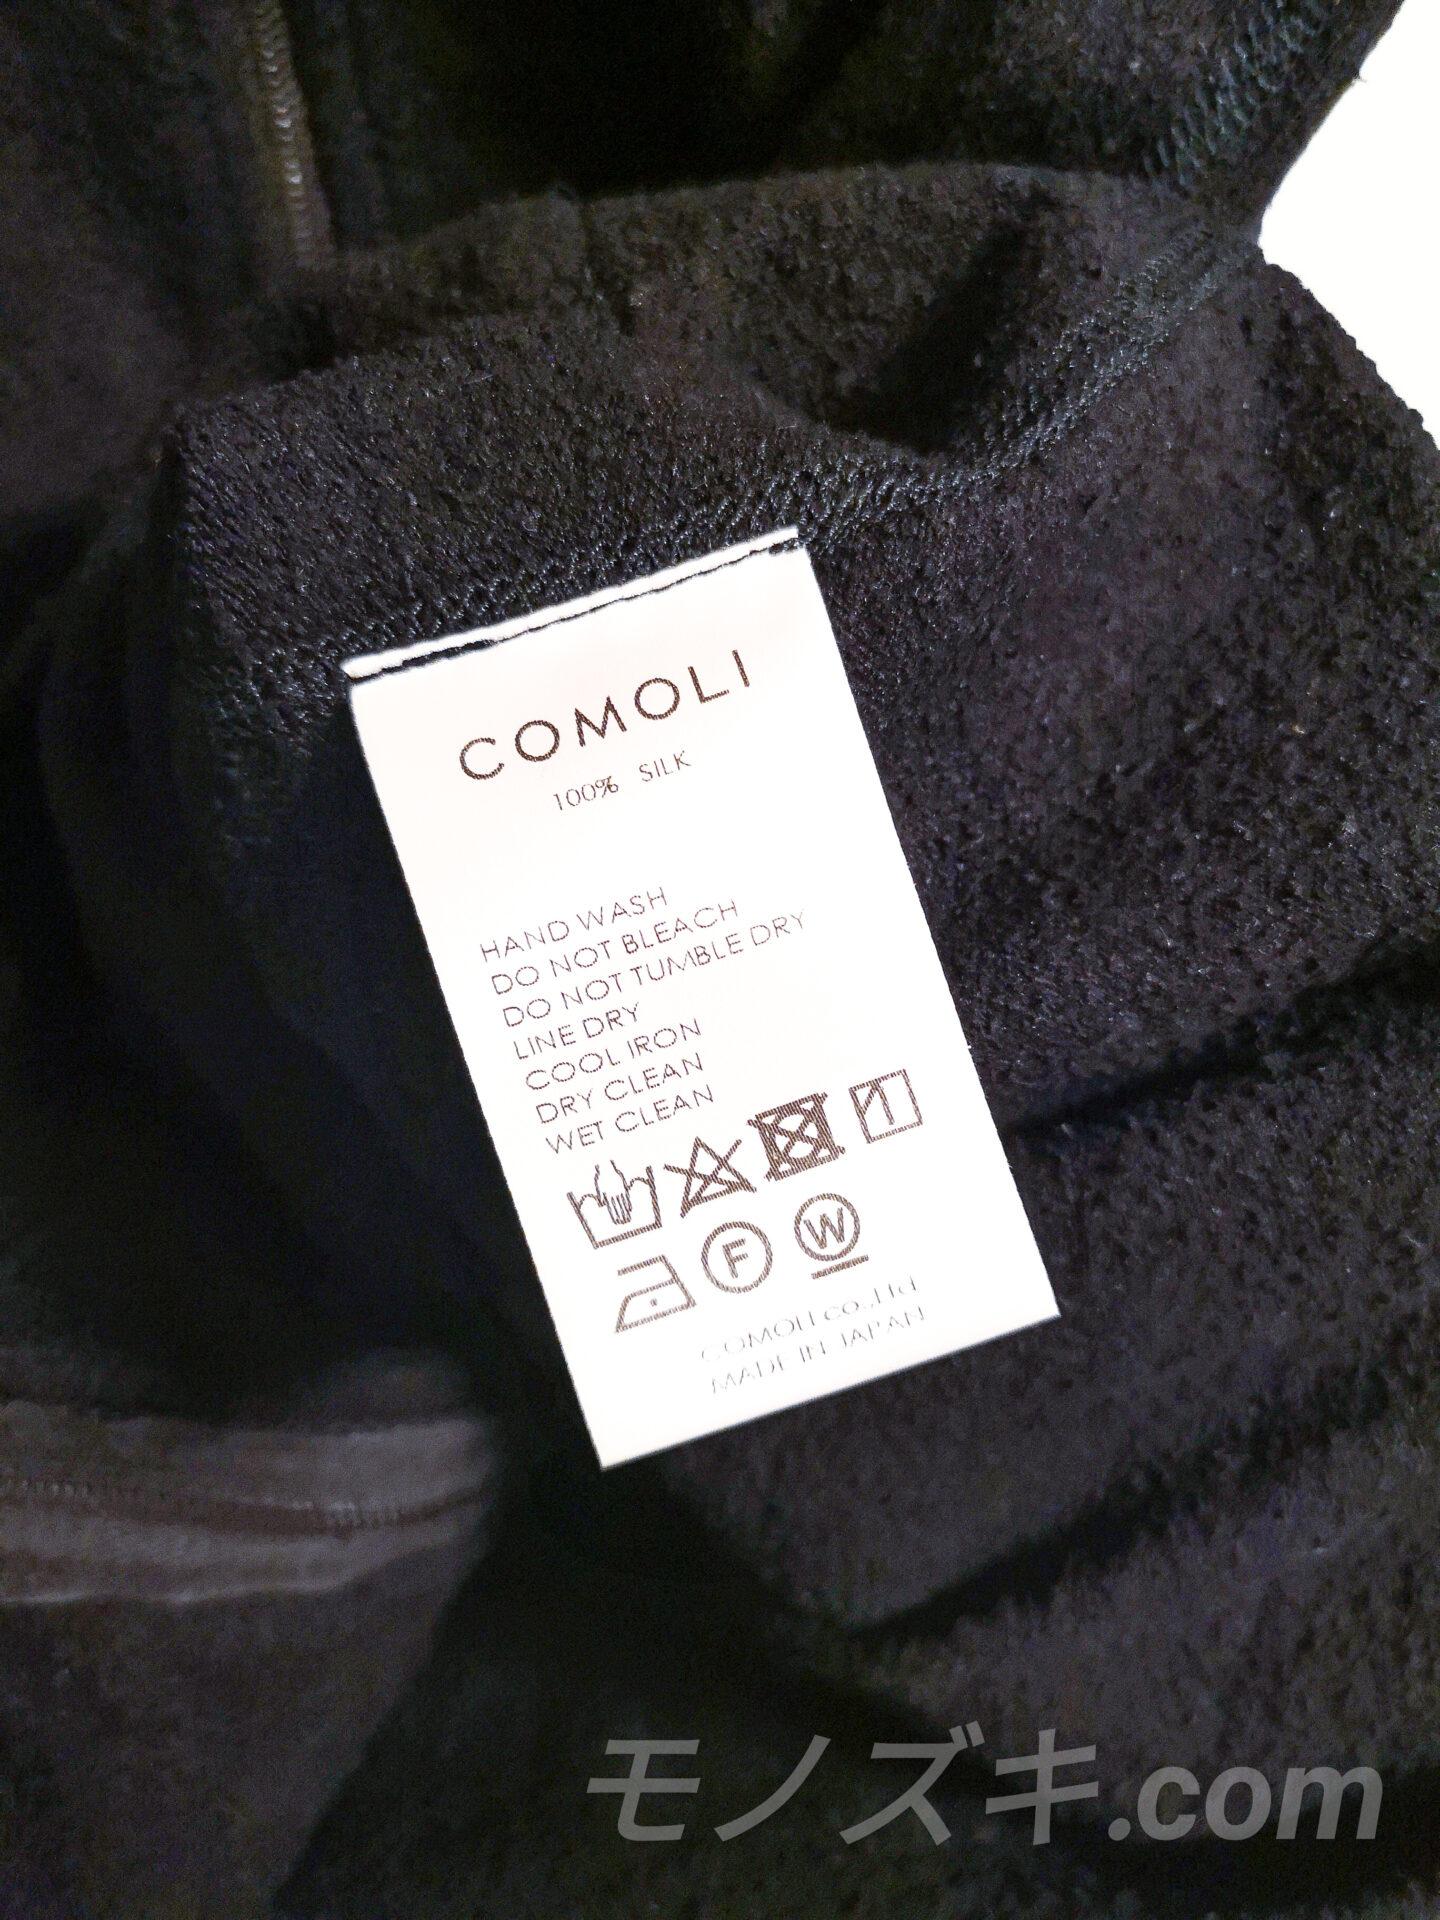 COMOLI シルクネップベスト タグ 手洗い